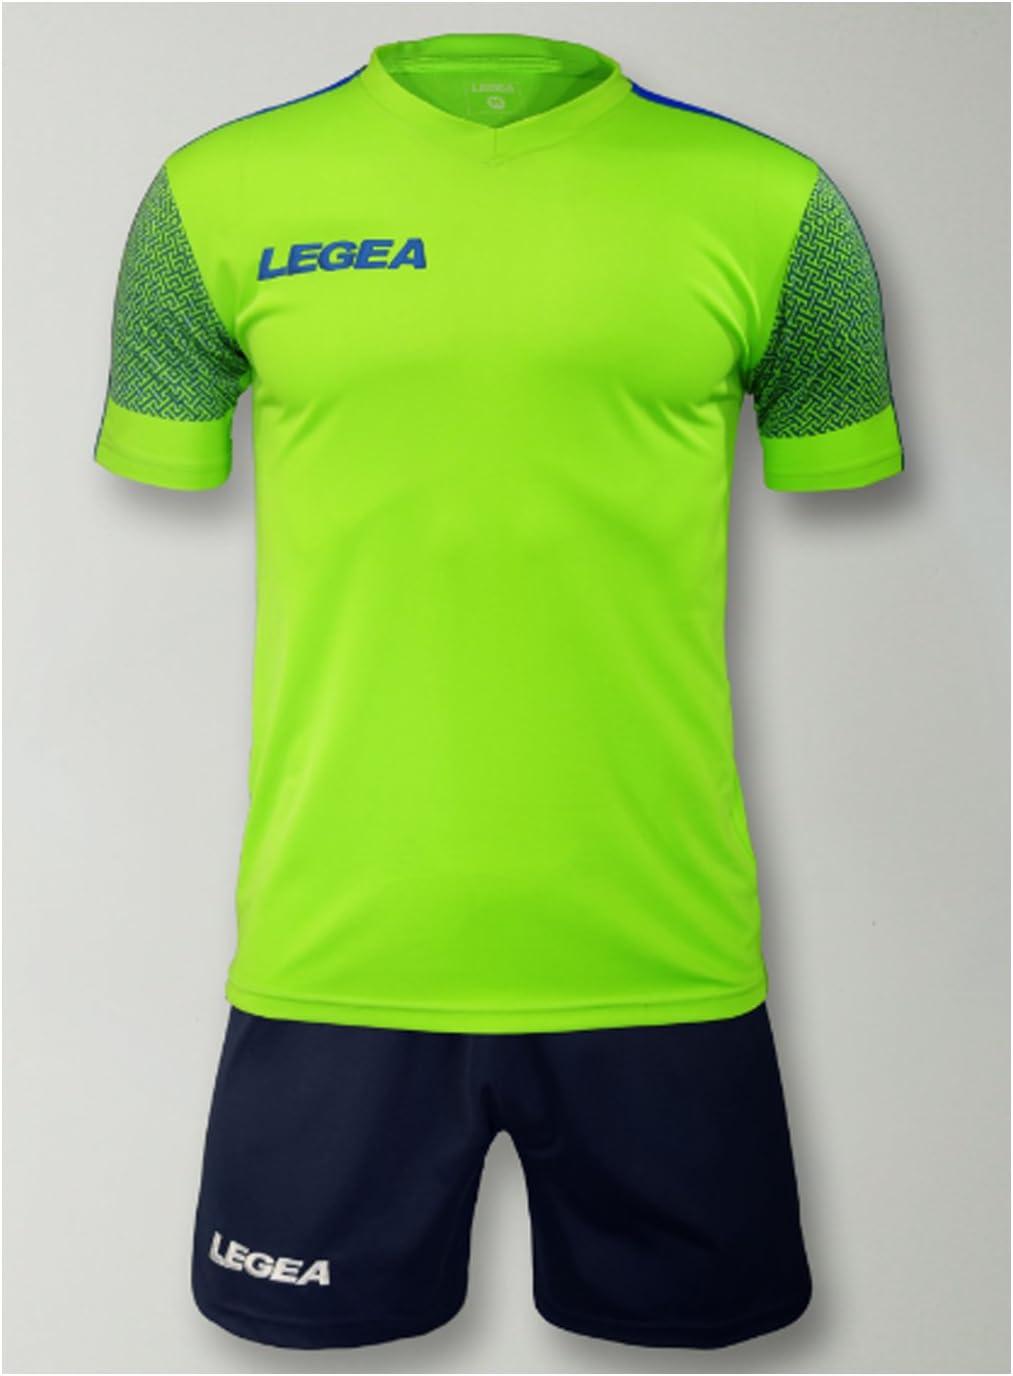 LEGEA Kit Praga Futbolín Completo Camiseta y pantalón Deportivo Torneo, Verde Fluo-BLU Chiaro, M: Amazon.es: Deportes y aire libre